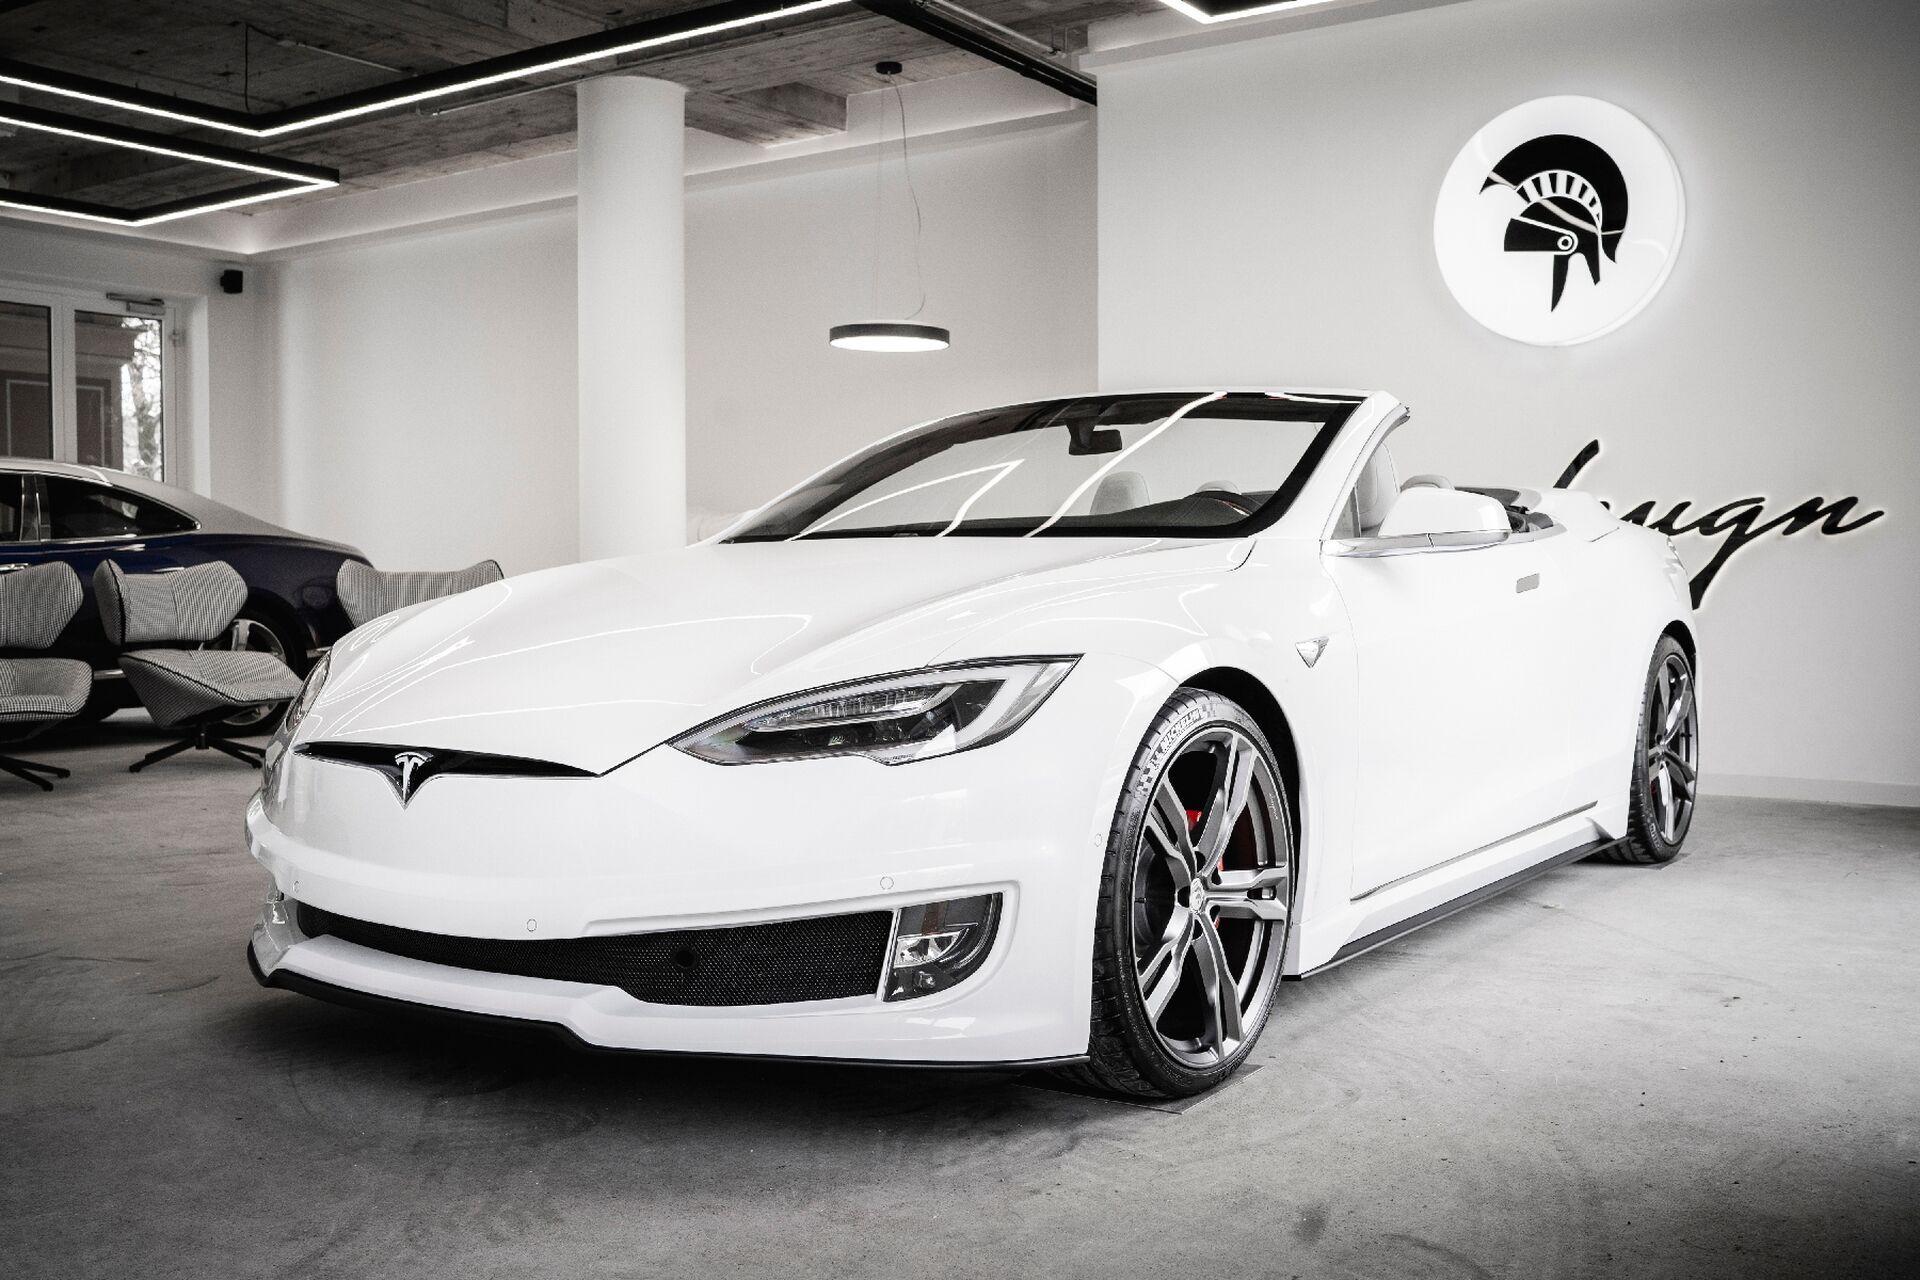 Під час створення новинки були використані компоненти від Tesla та Bentley